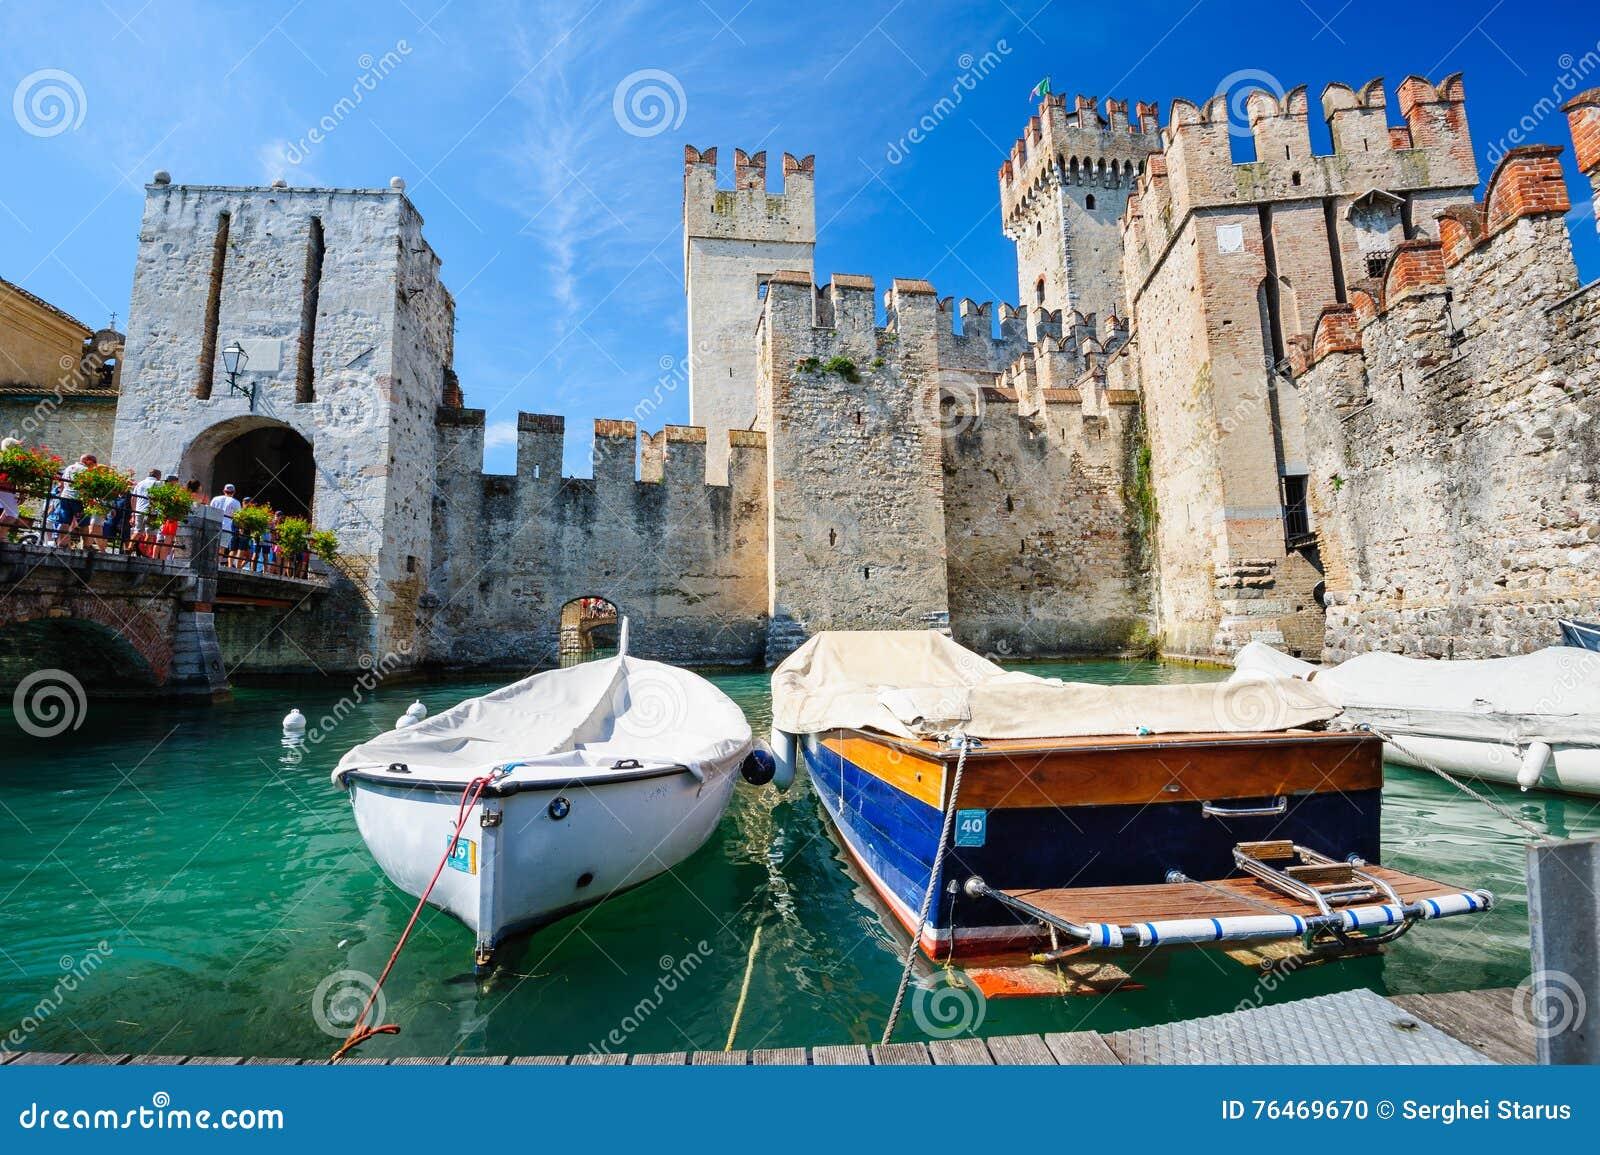 Middeleeuws kasteel Scaliger in oude stad Sirmione op meer Lago Di Garda, noordelijk Italië